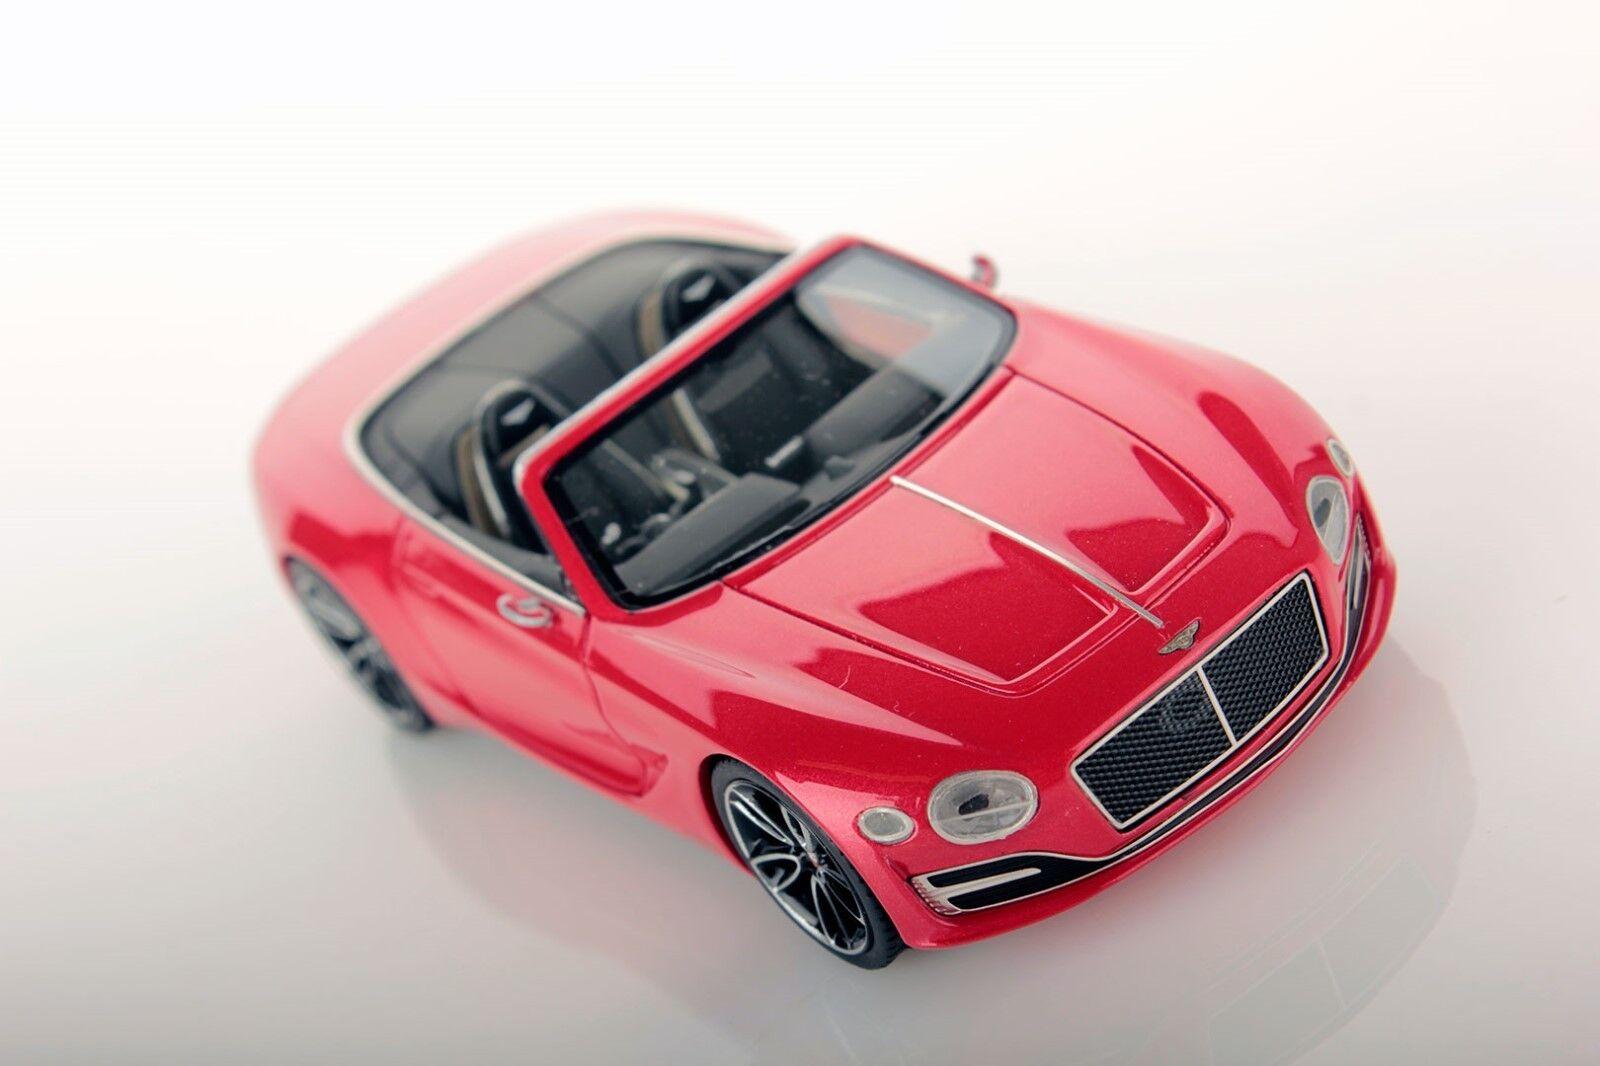 Bentley EXP 12 speed 6e St  James rouge Lookintelligent 1 43 no MR BBR    nouveau    nouveau  Style classique